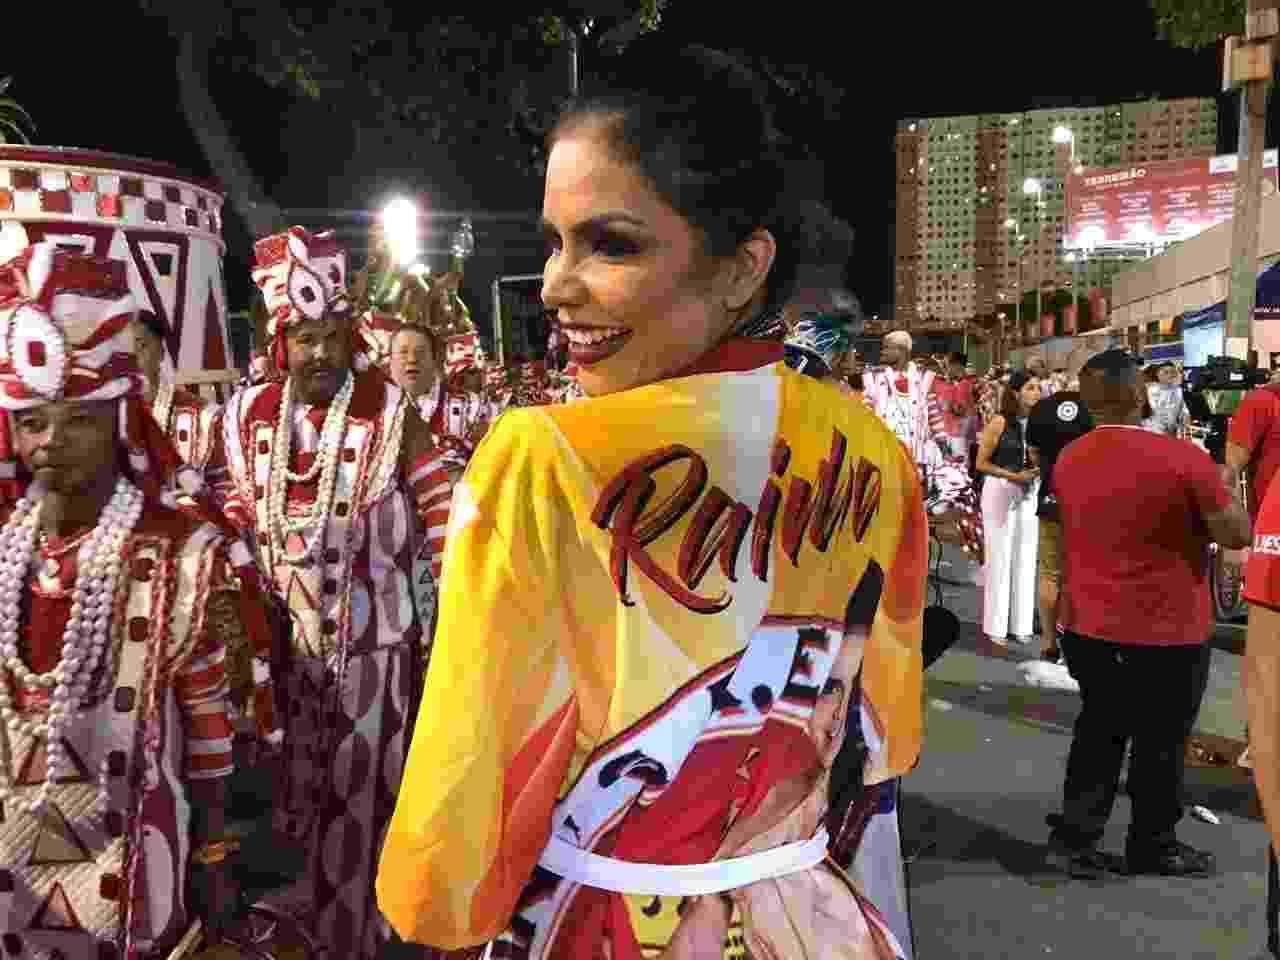 Raissa Machado, Rainha da Unidos do Viradouro - Lola Ferreira/UOL